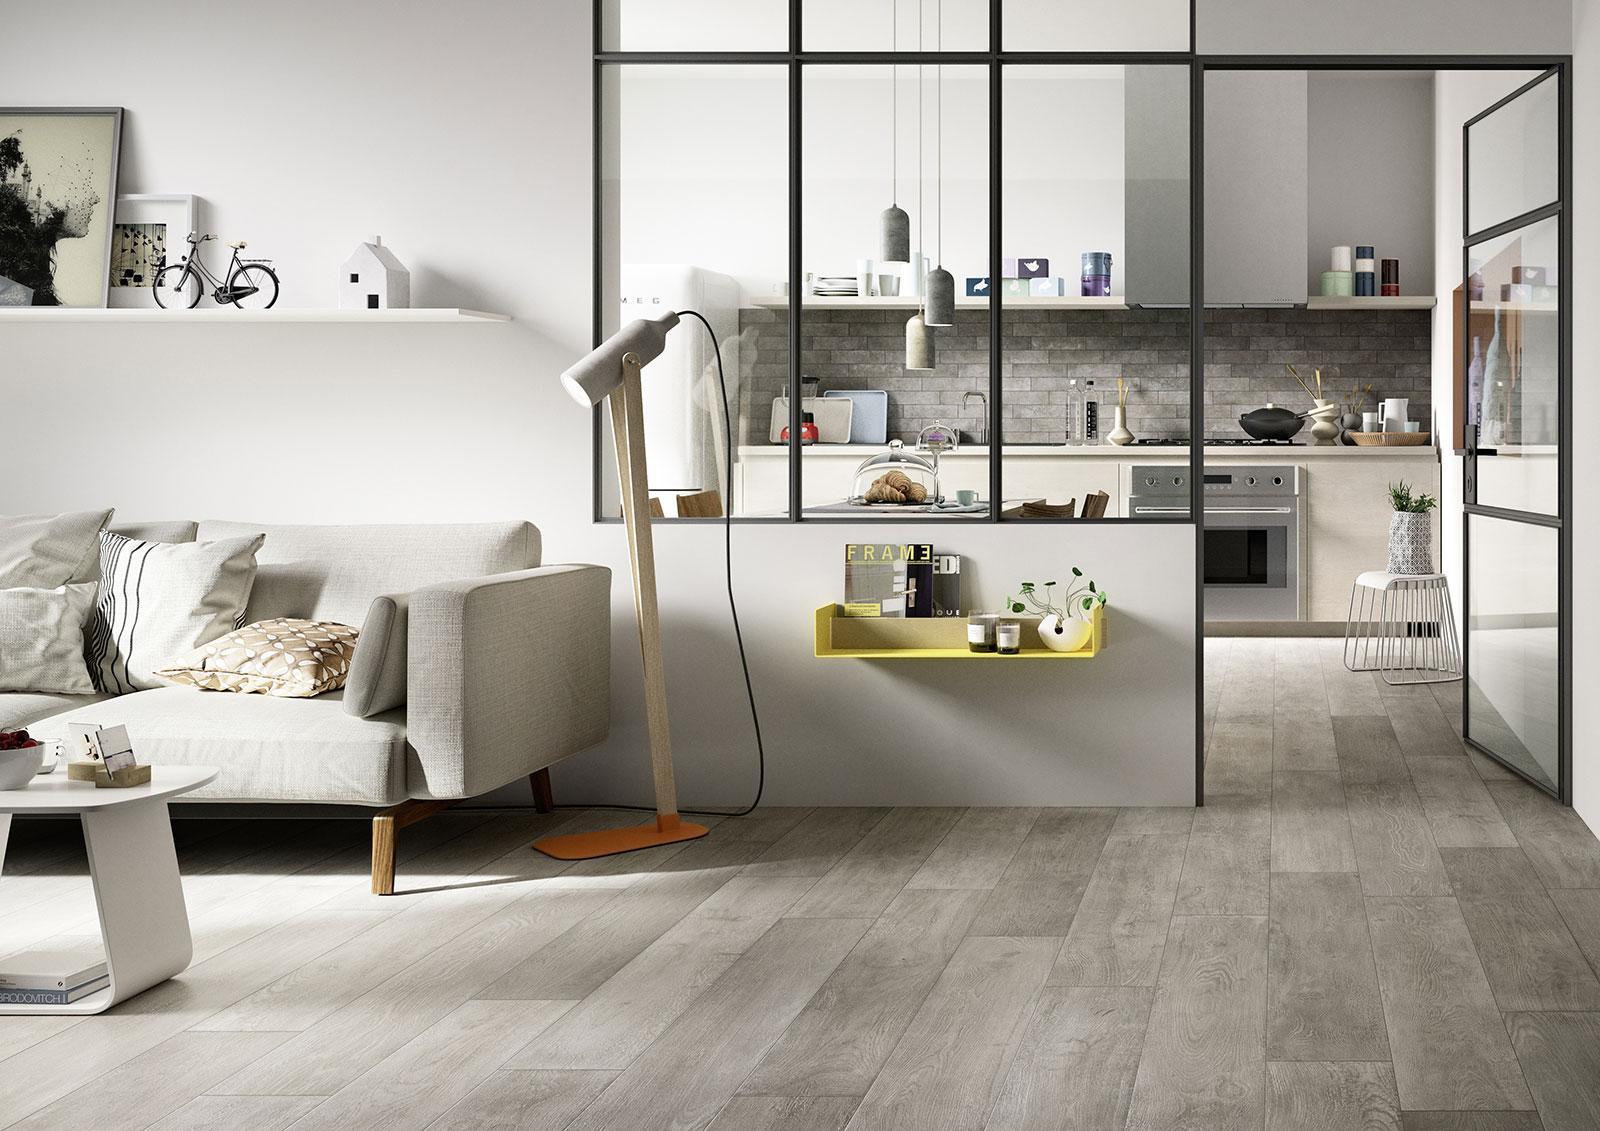 Pavimenti Finto Legno Bianco : Treverktime u gres pavimento effetto legno marazzi